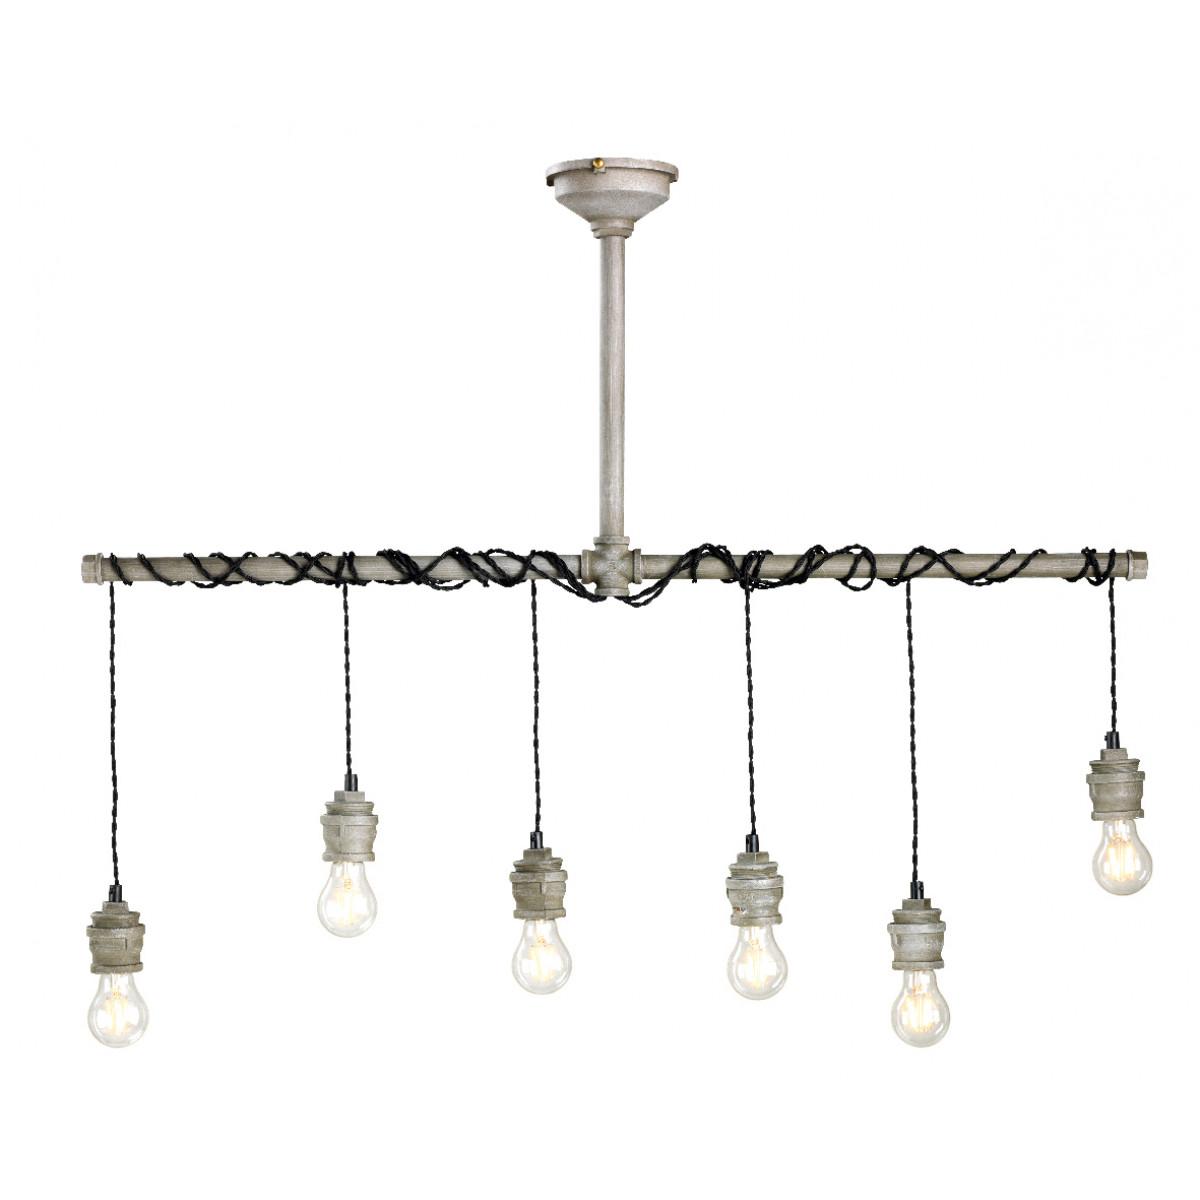 hanglamp industrieel - industriele metalen hanglamp 6 lampen industrieel - Nostalux